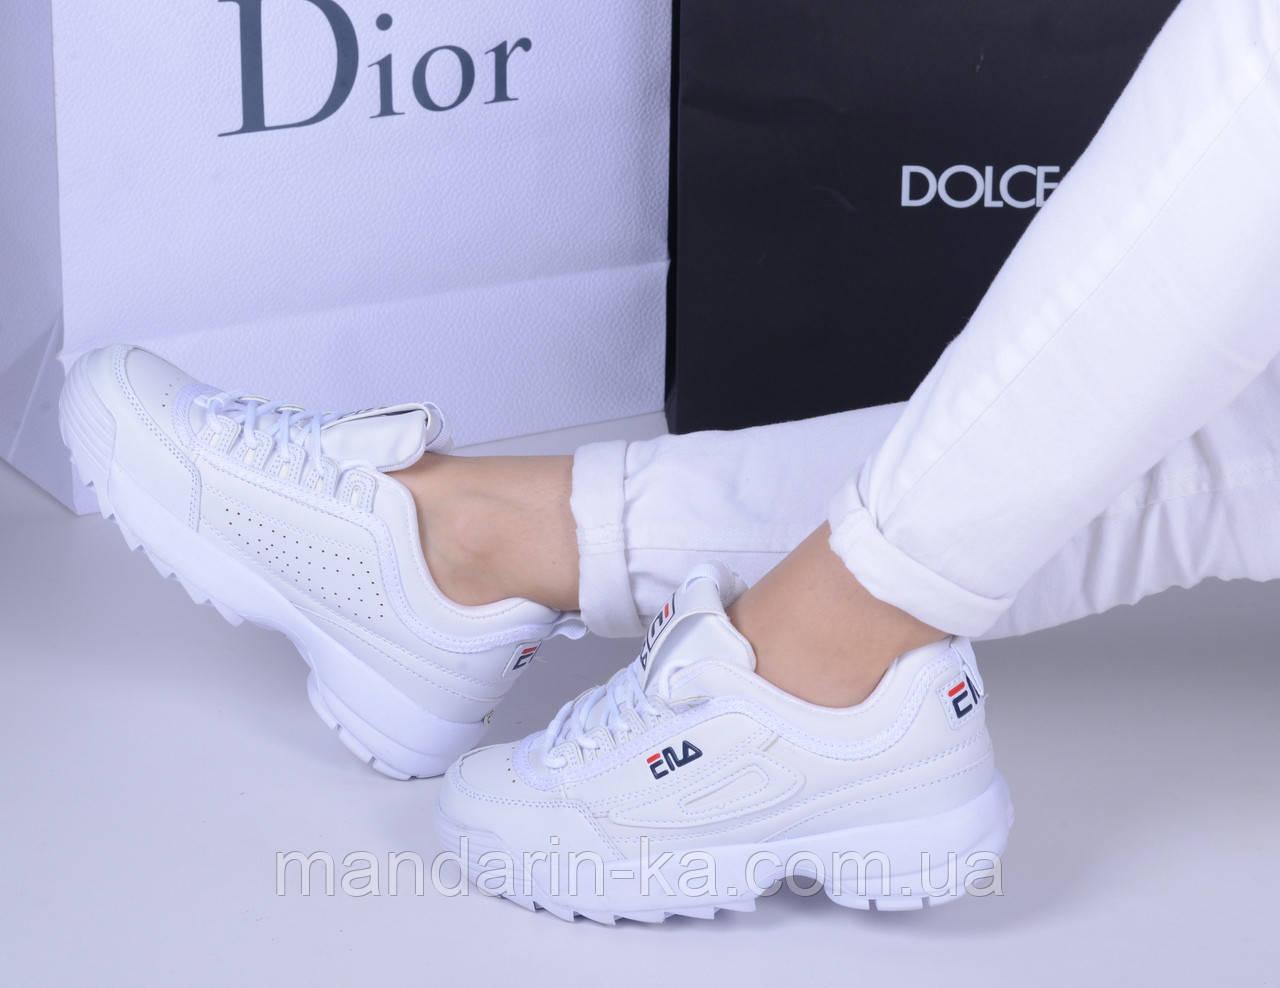 Женские кроссовки белые  фила дизраптор (реплика)